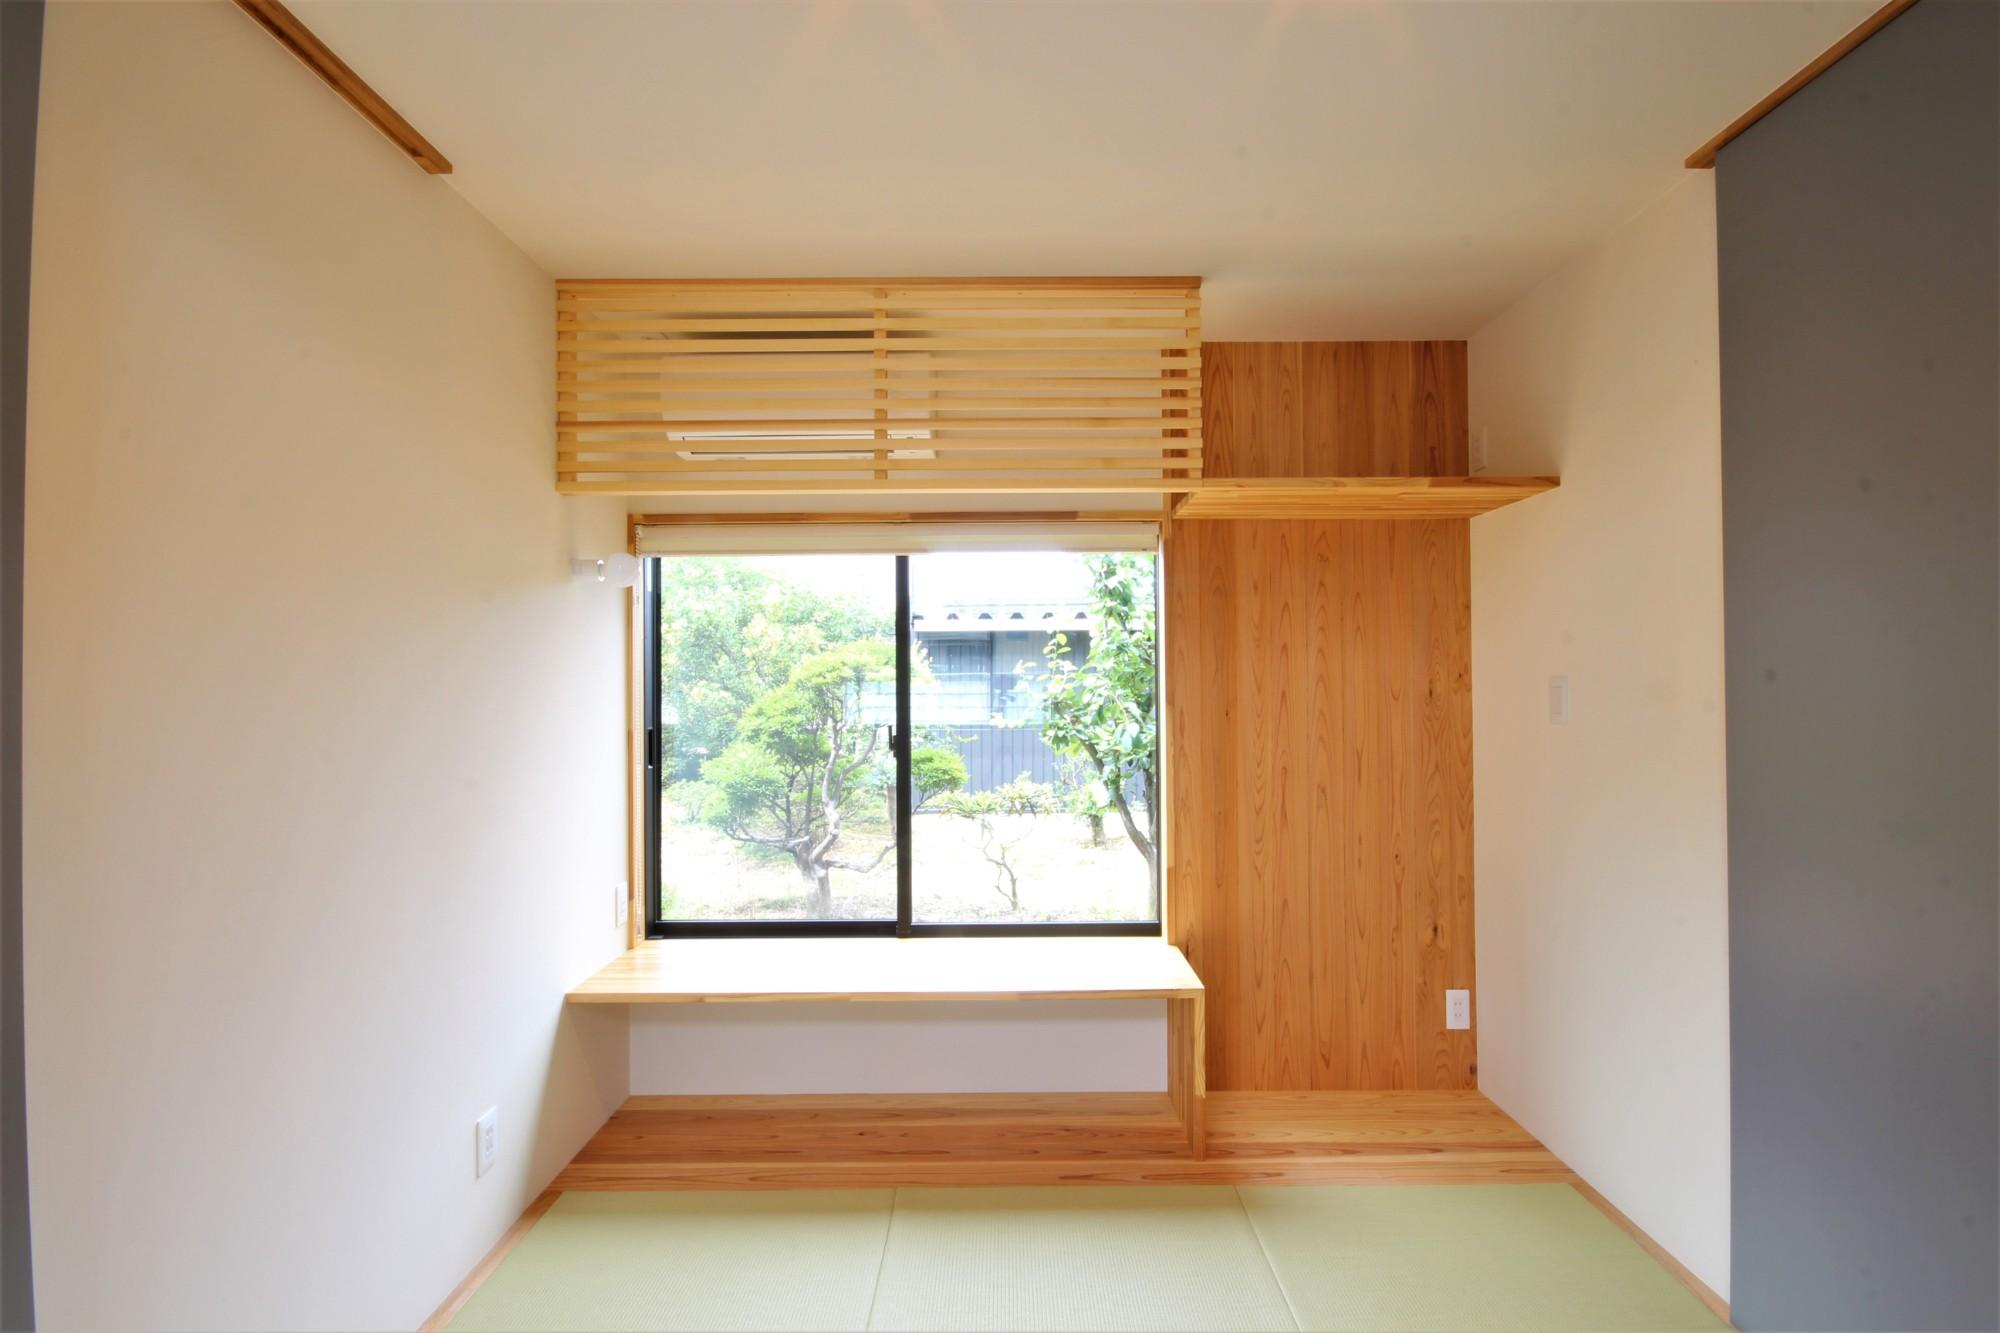 有限会社 市川建築店 1級建築士事務所「オーク床とエッグウォールの調湿住宅(認定低炭素住宅)」の自然素材な居室の実例写真